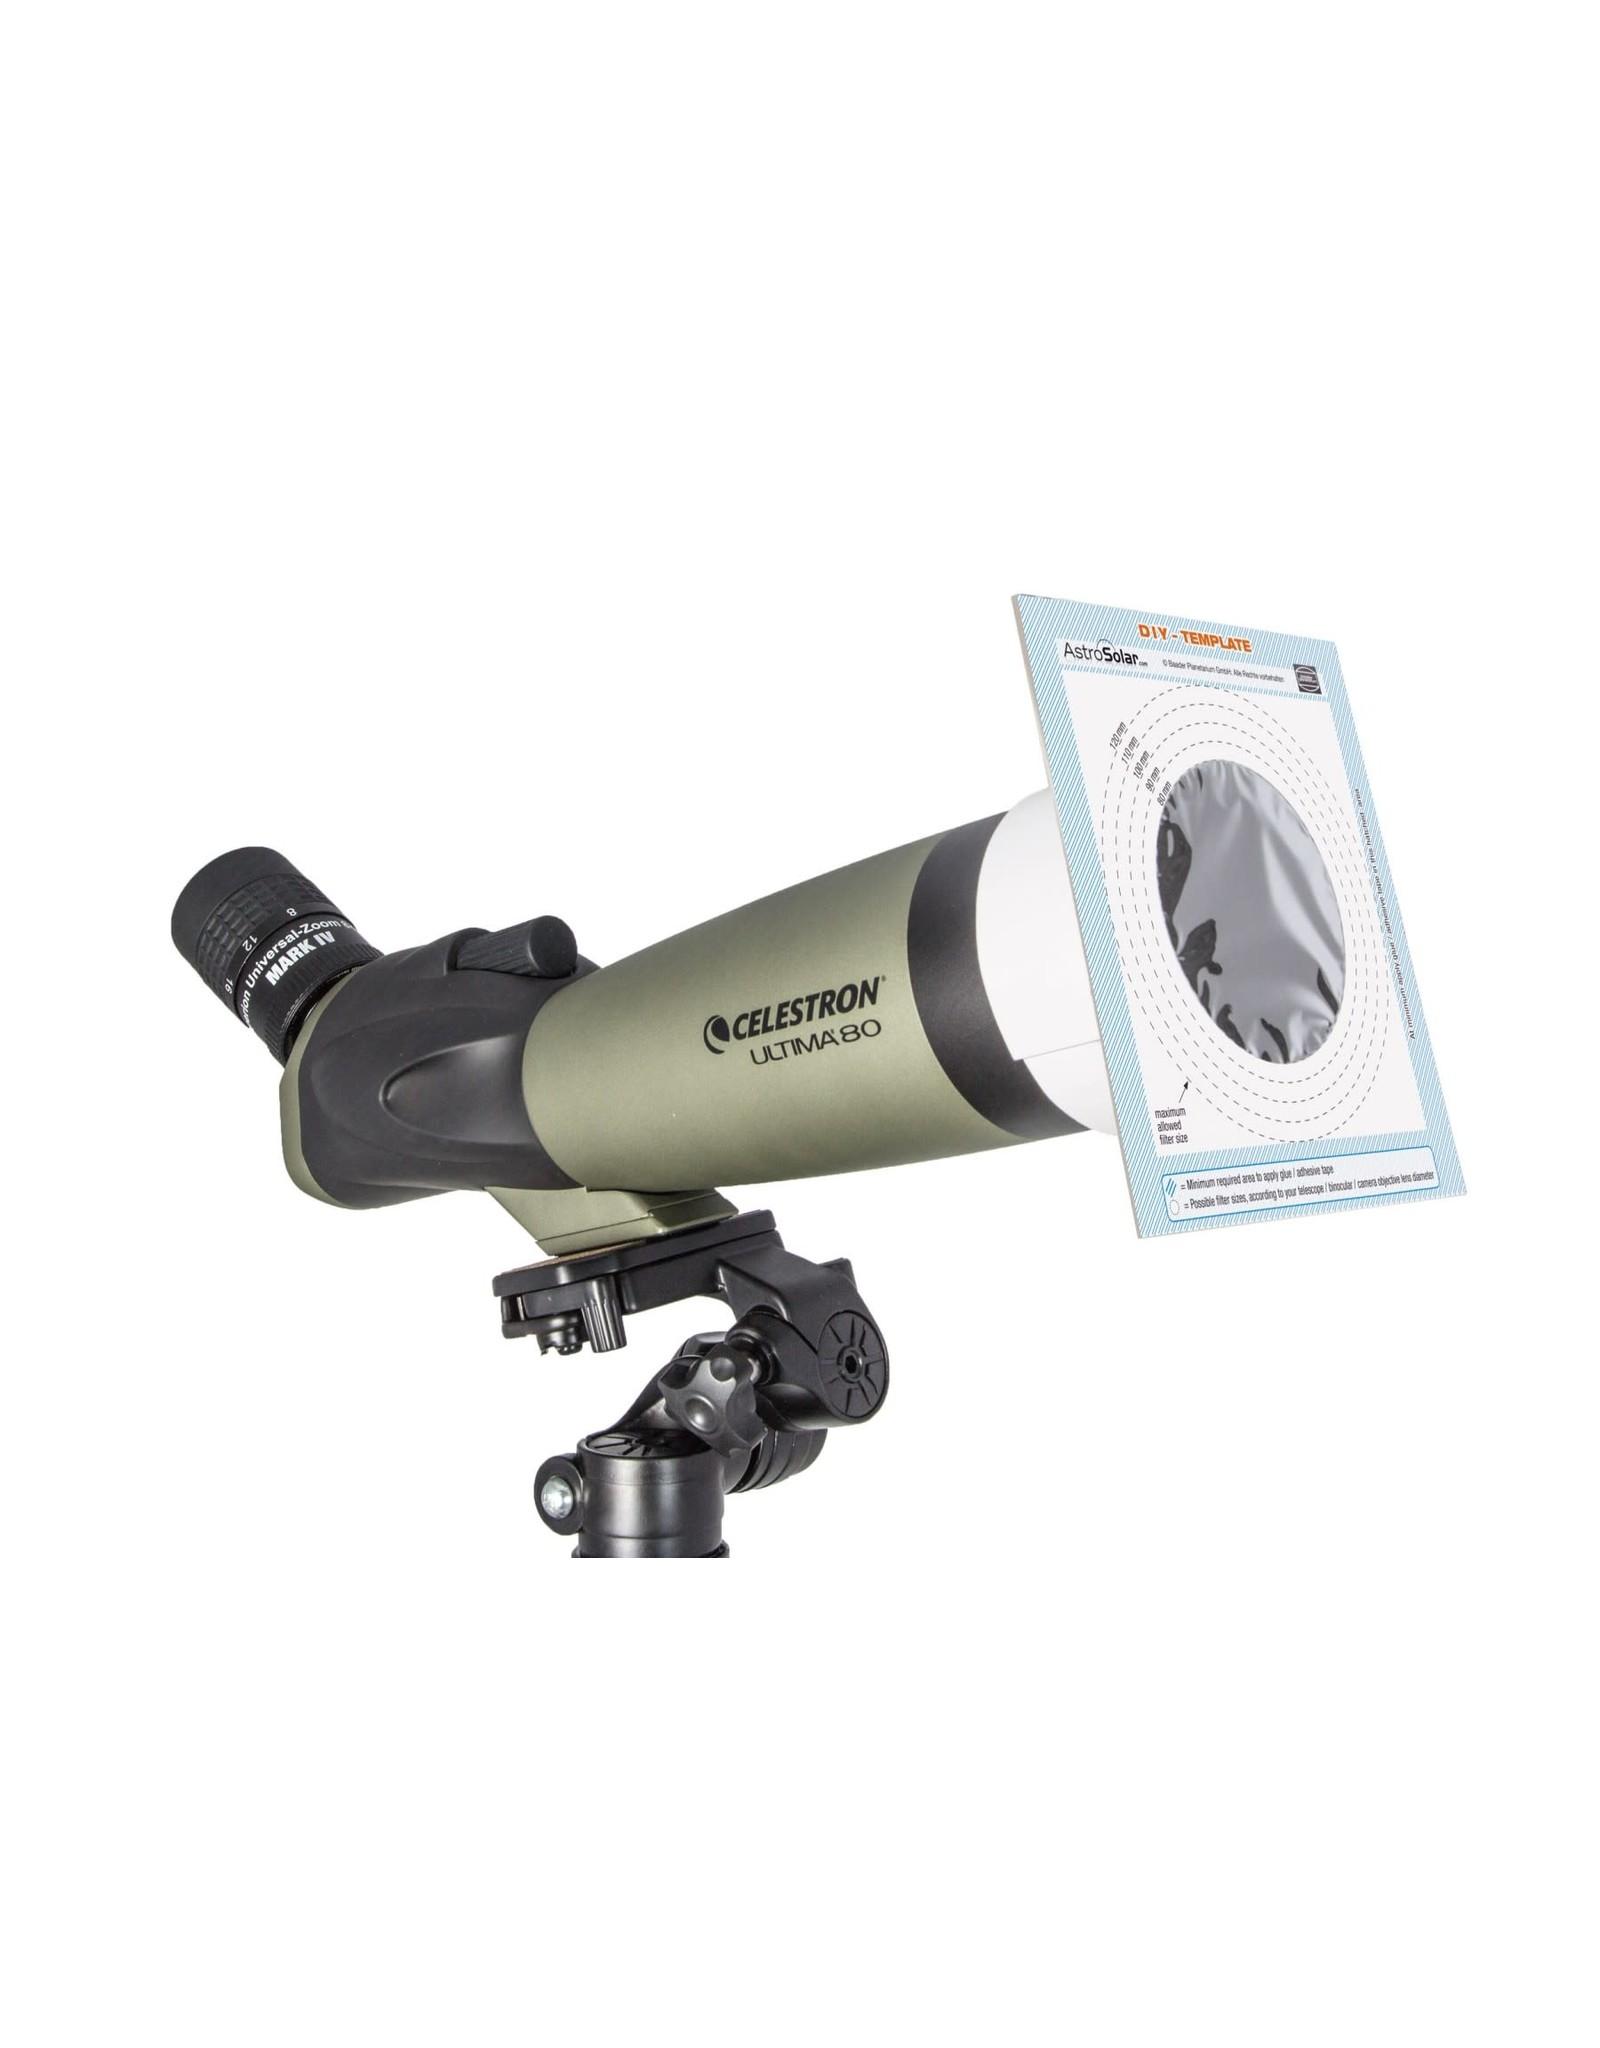 Baader Planetarium AstroSolar® Safety Film OD 5.0 (144 x 155 mm)